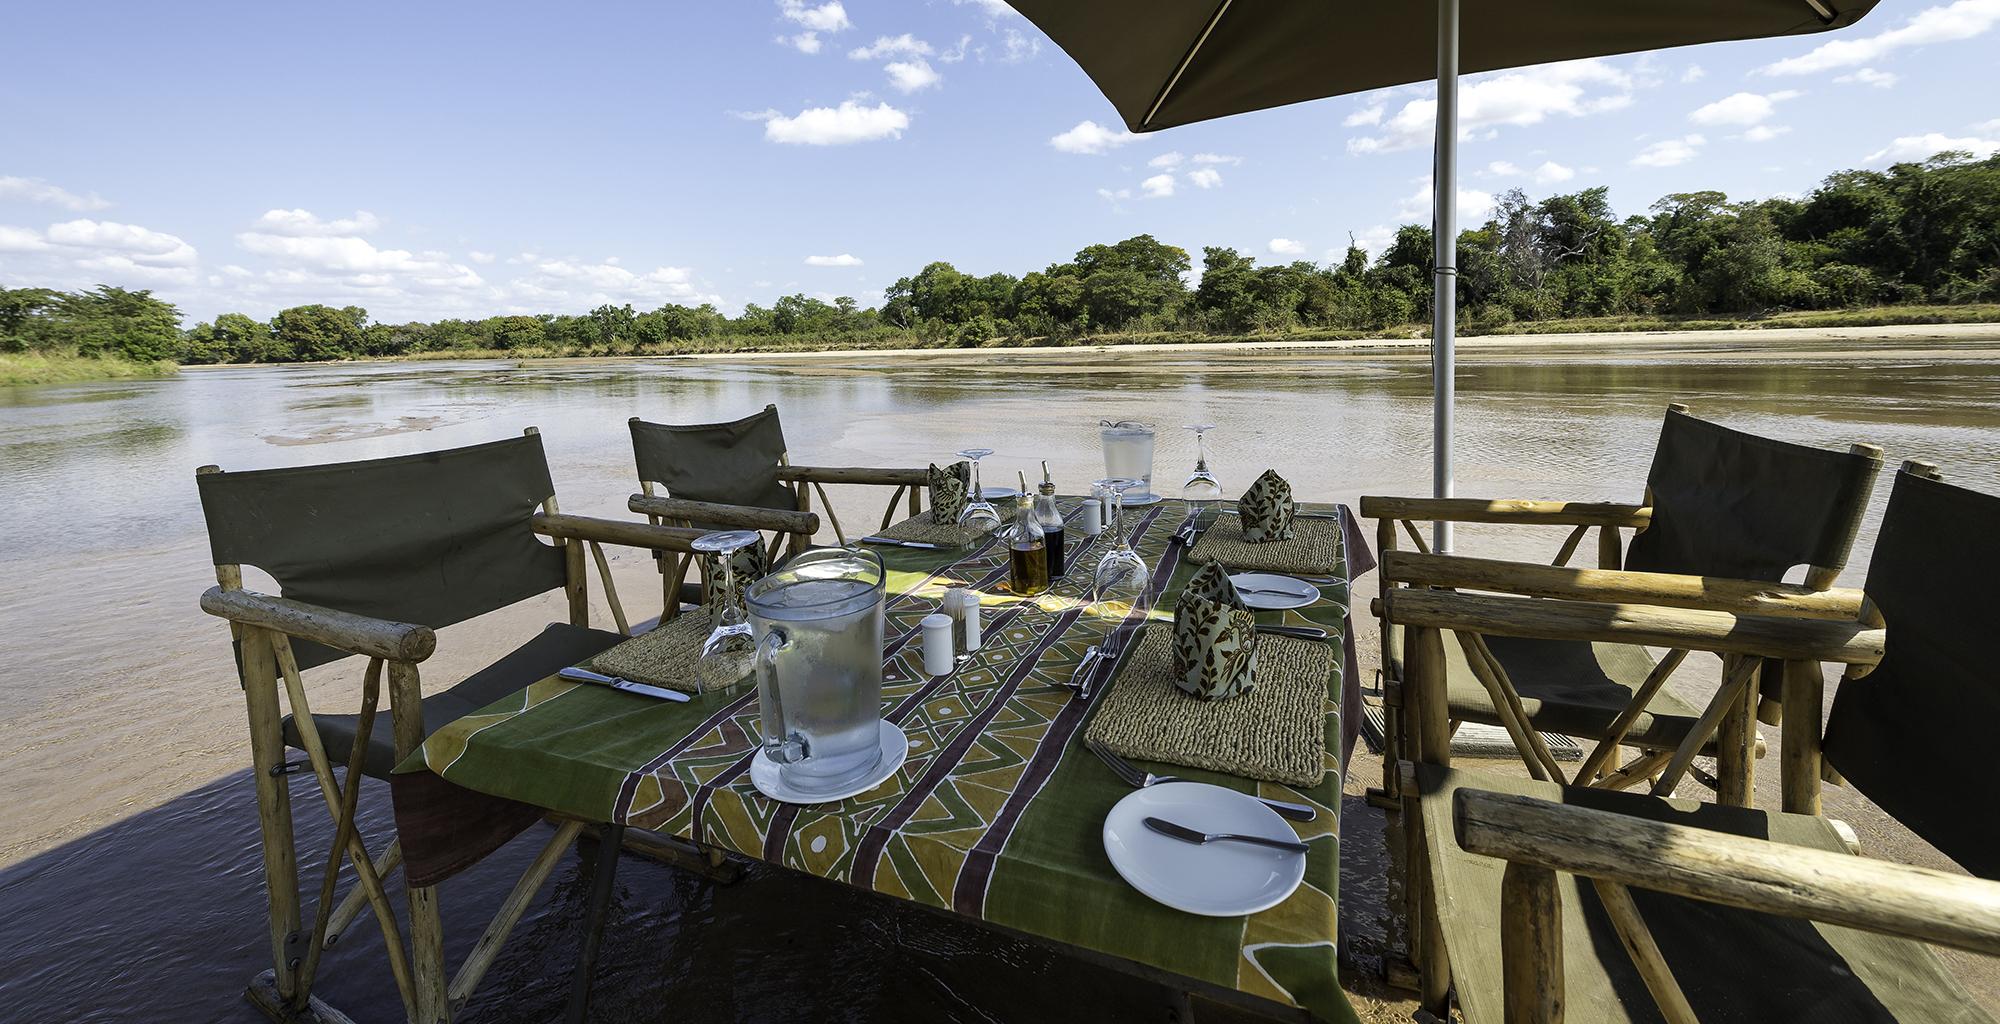 Zambia-Kapamba-River-Dining